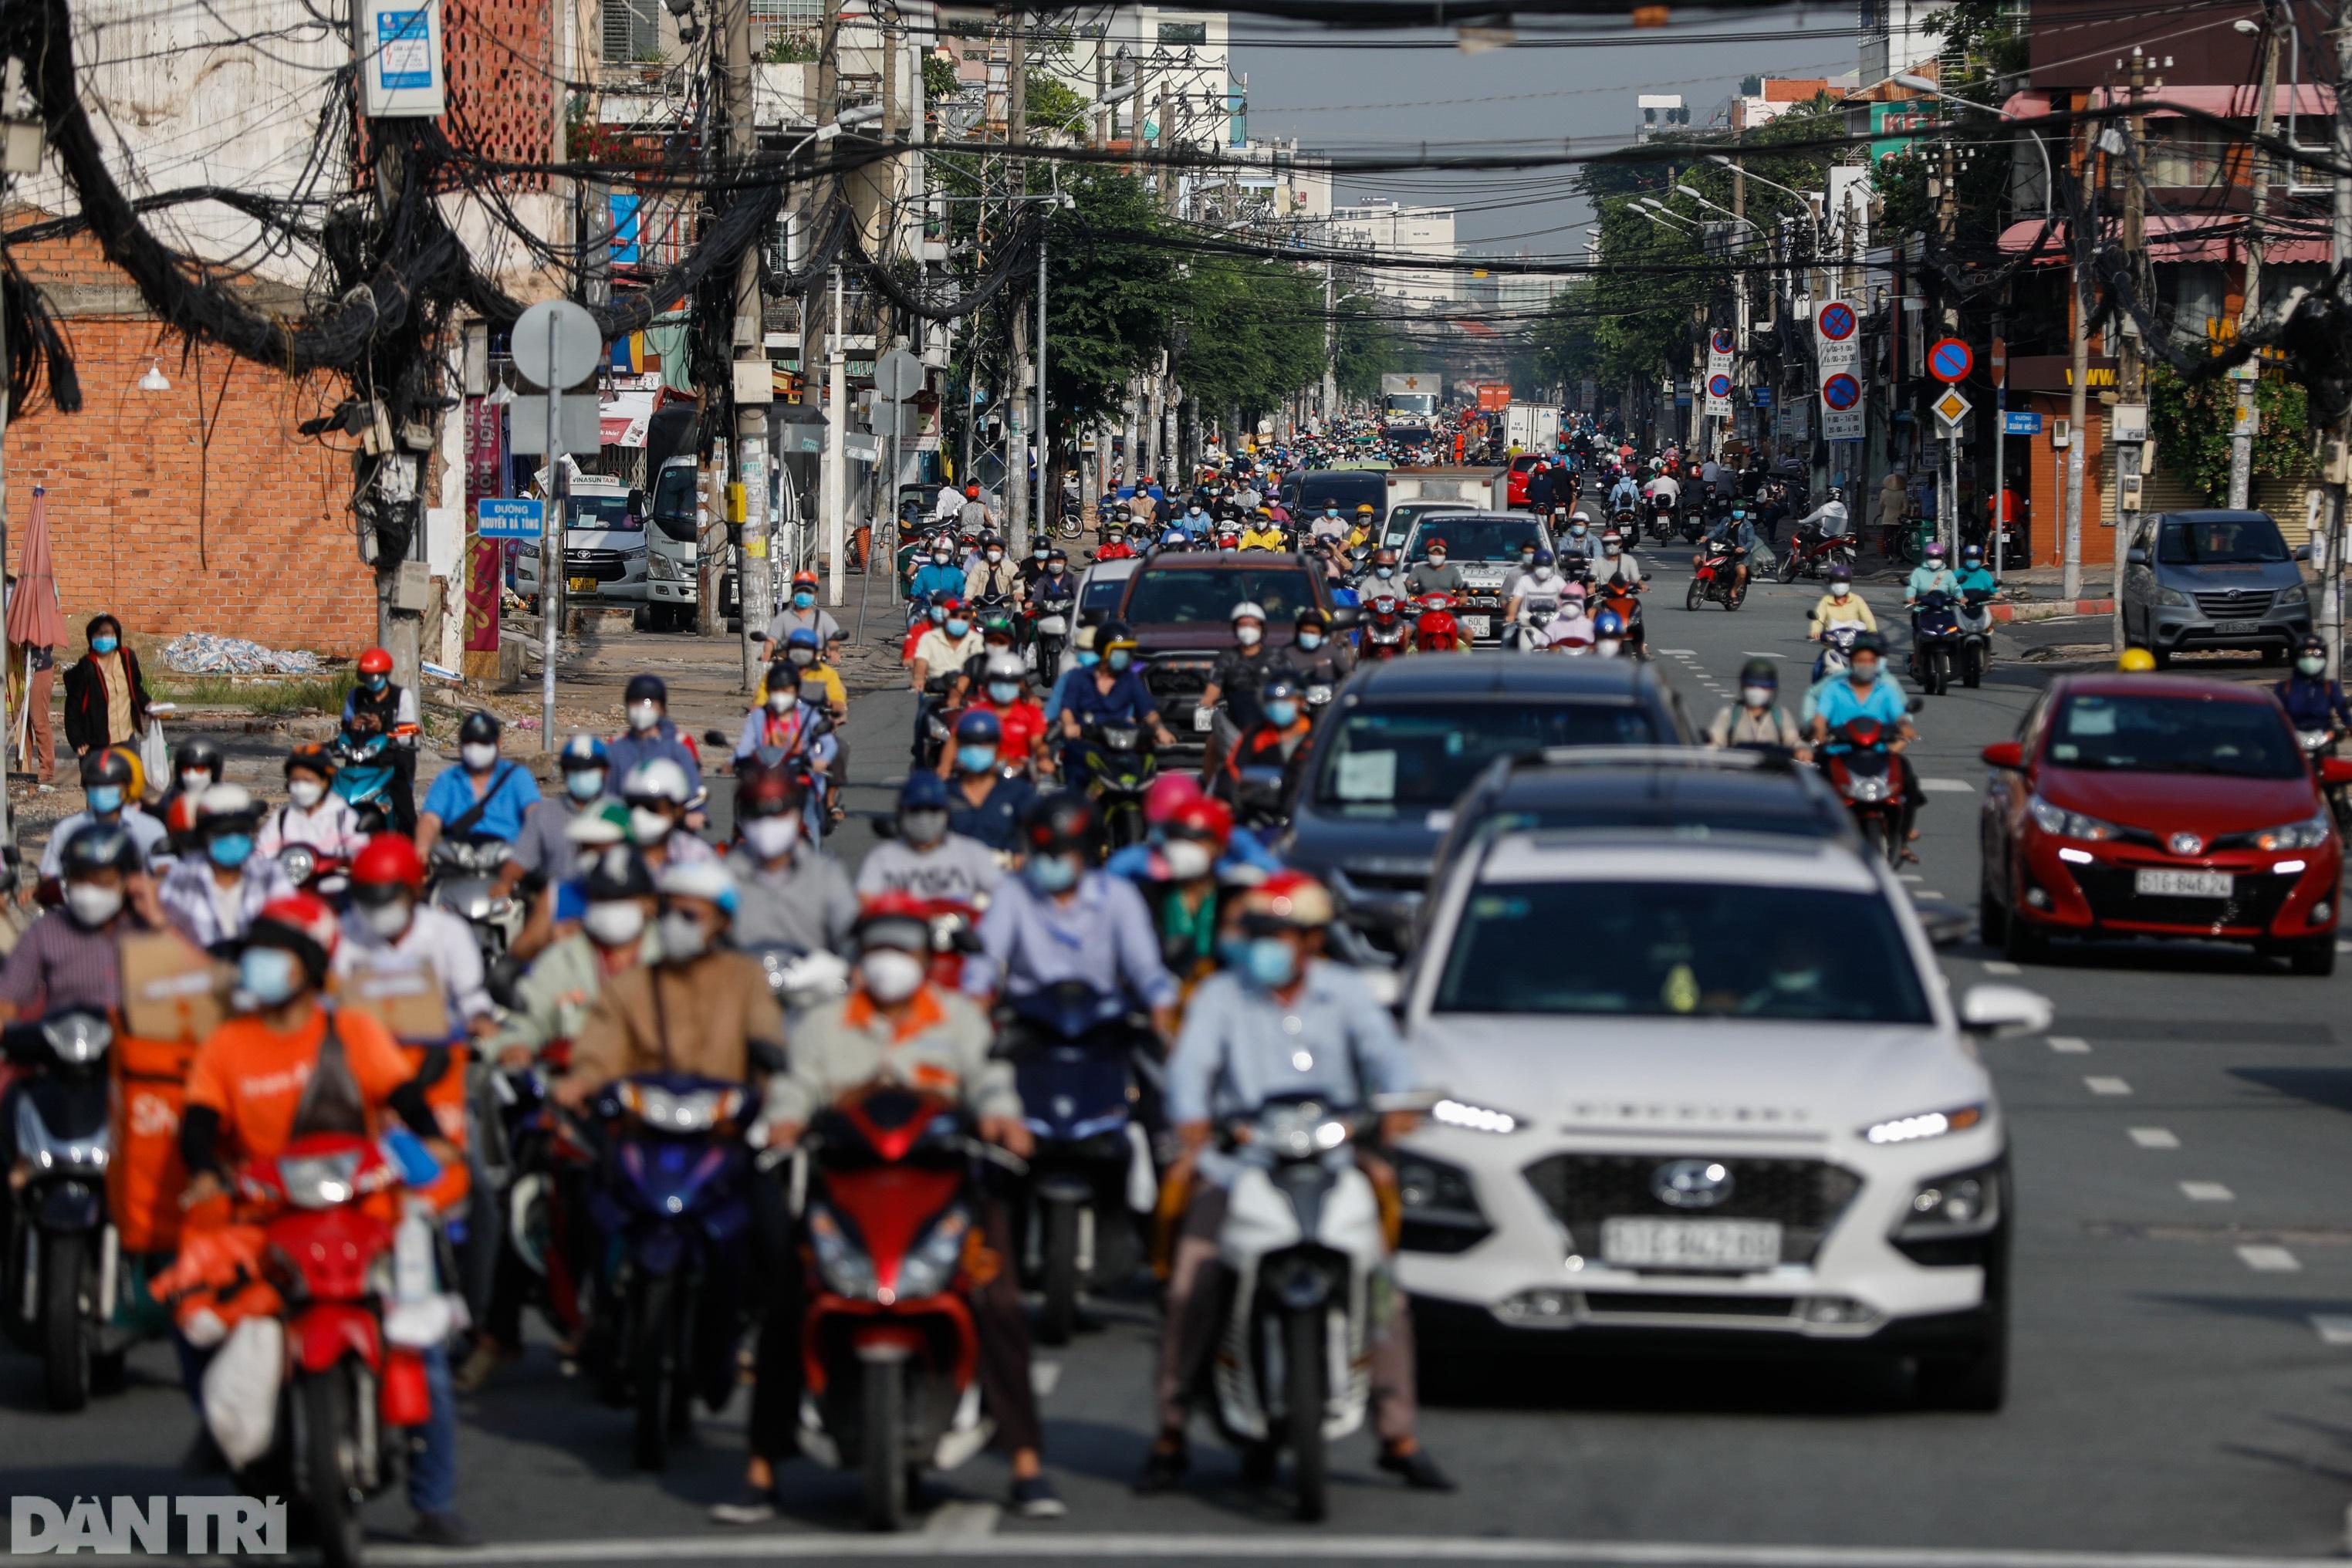 Đường phố TPHCM đông đúc, nhộn nhịp ngày đầu nới lỏng giãn cách xã hội - 8